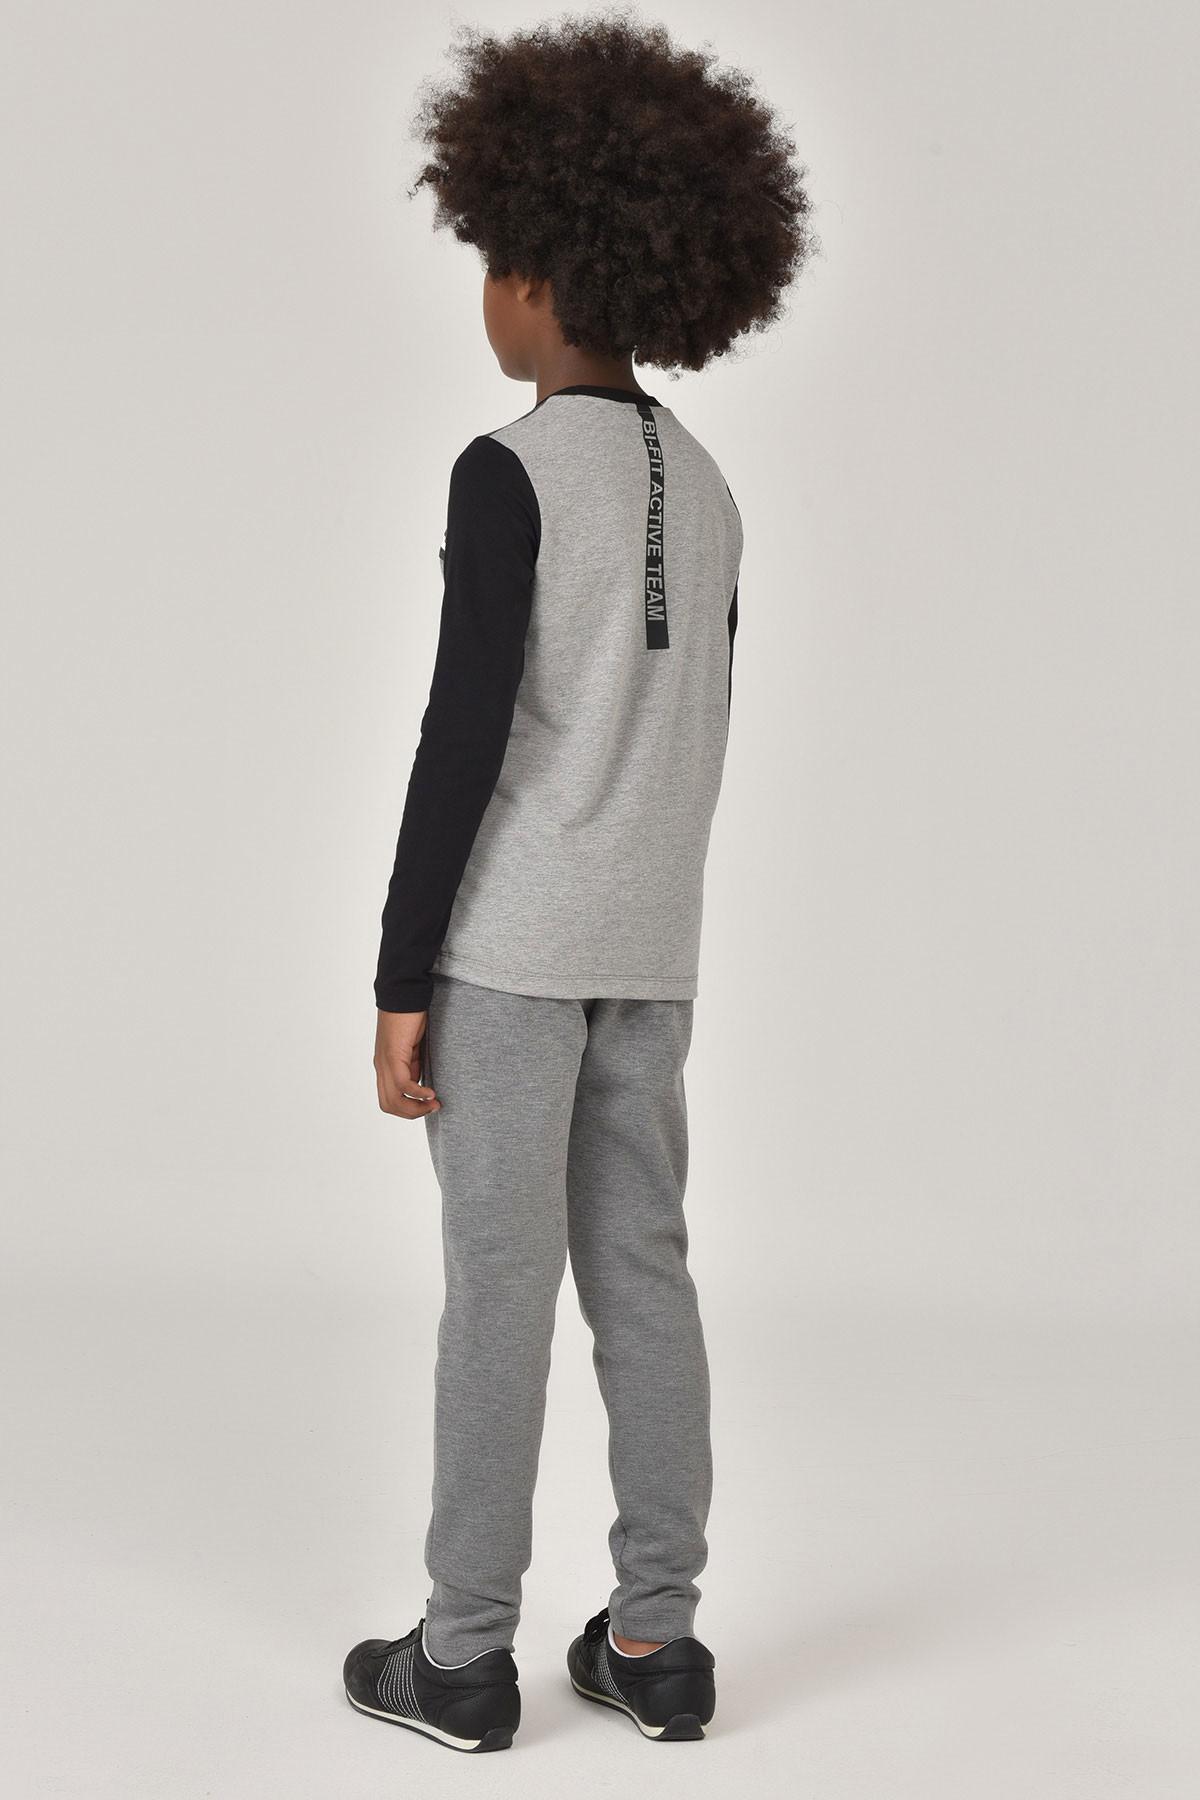 Bilcee Gri Unisex Uzun Kol Çocuk T-Shirt FW-1487 BİLCEE